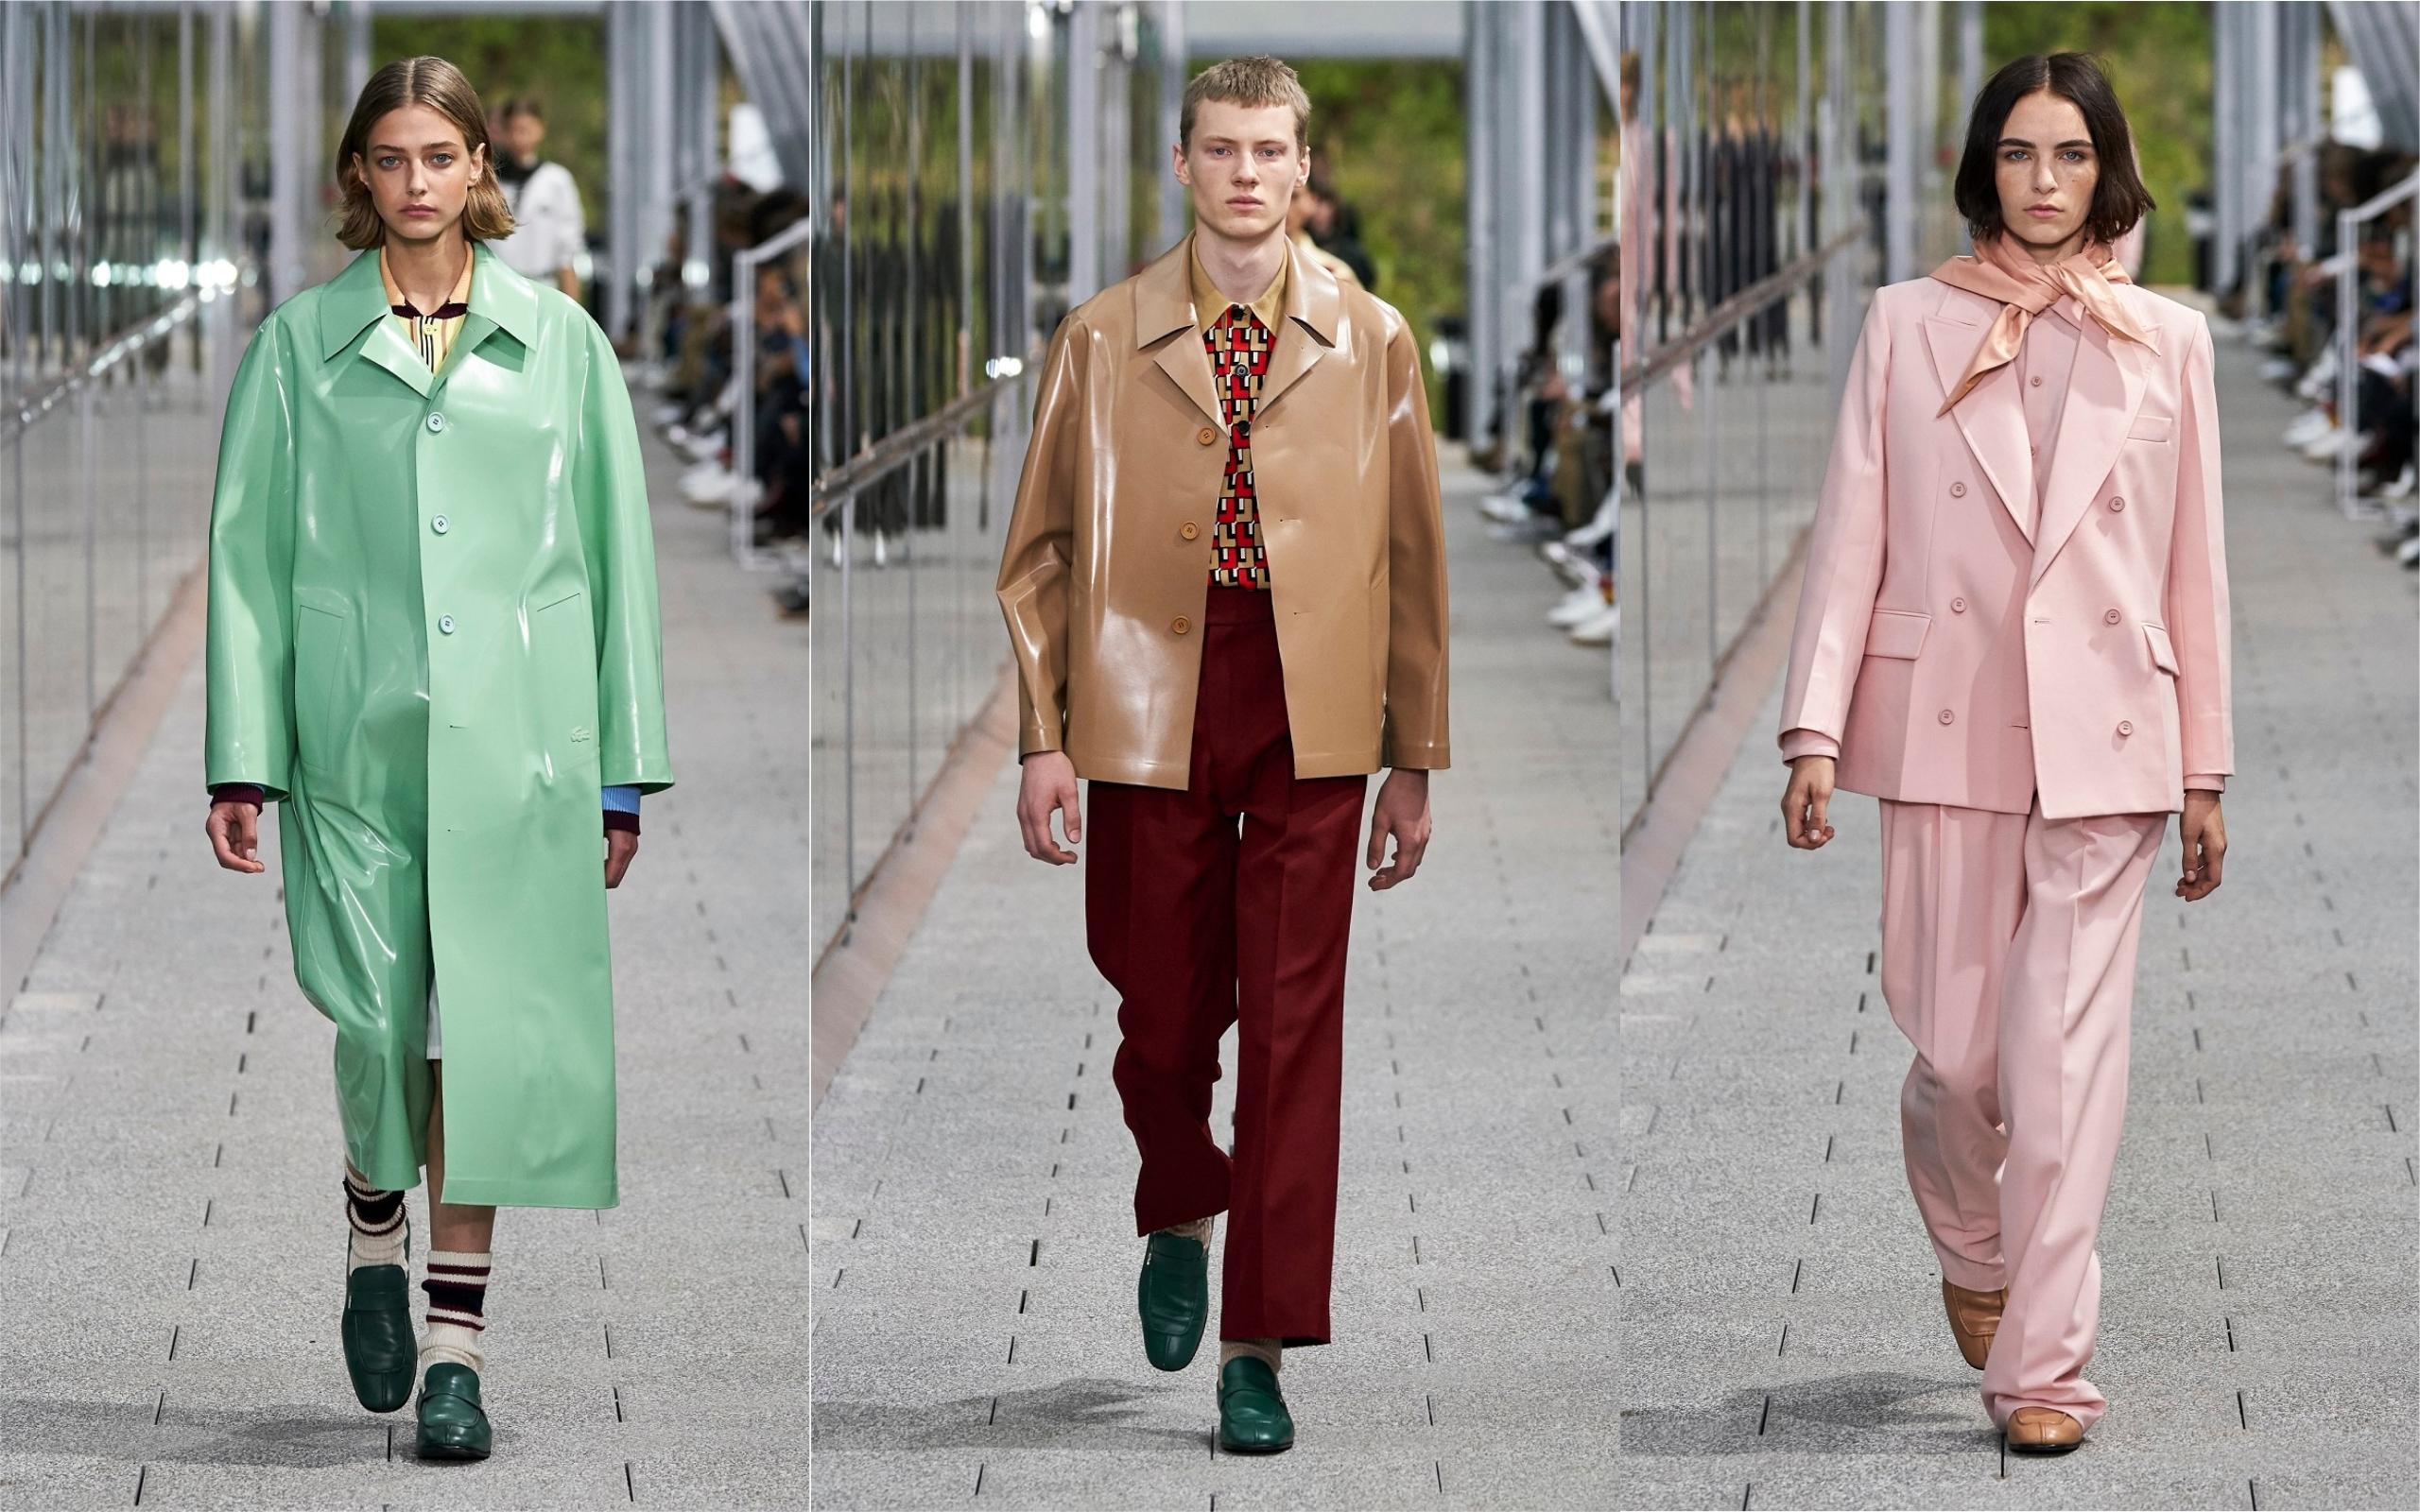 顛覆傳統的當代美學─LACOSTE 2020 春夏巴黎時裝秀